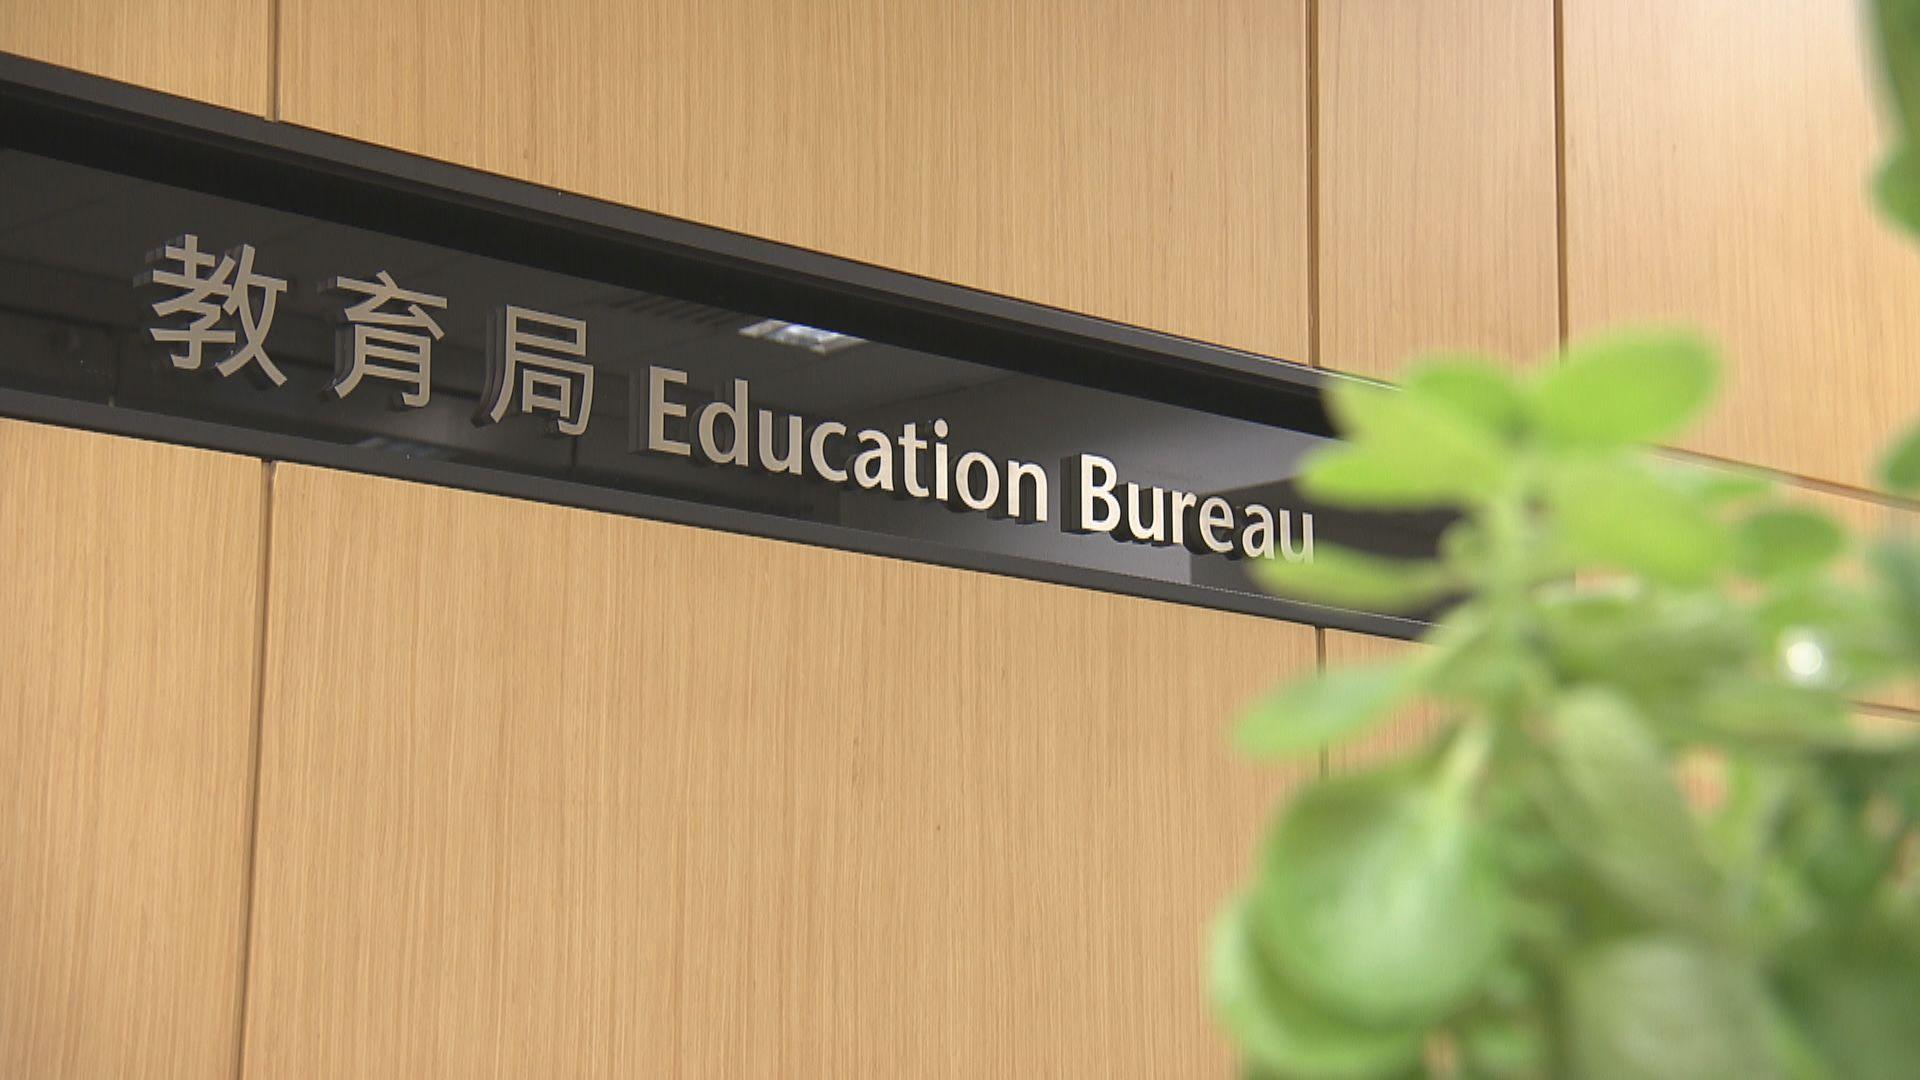 教育局接171宗教師涉專業失當投訴 一成被譴責或警告